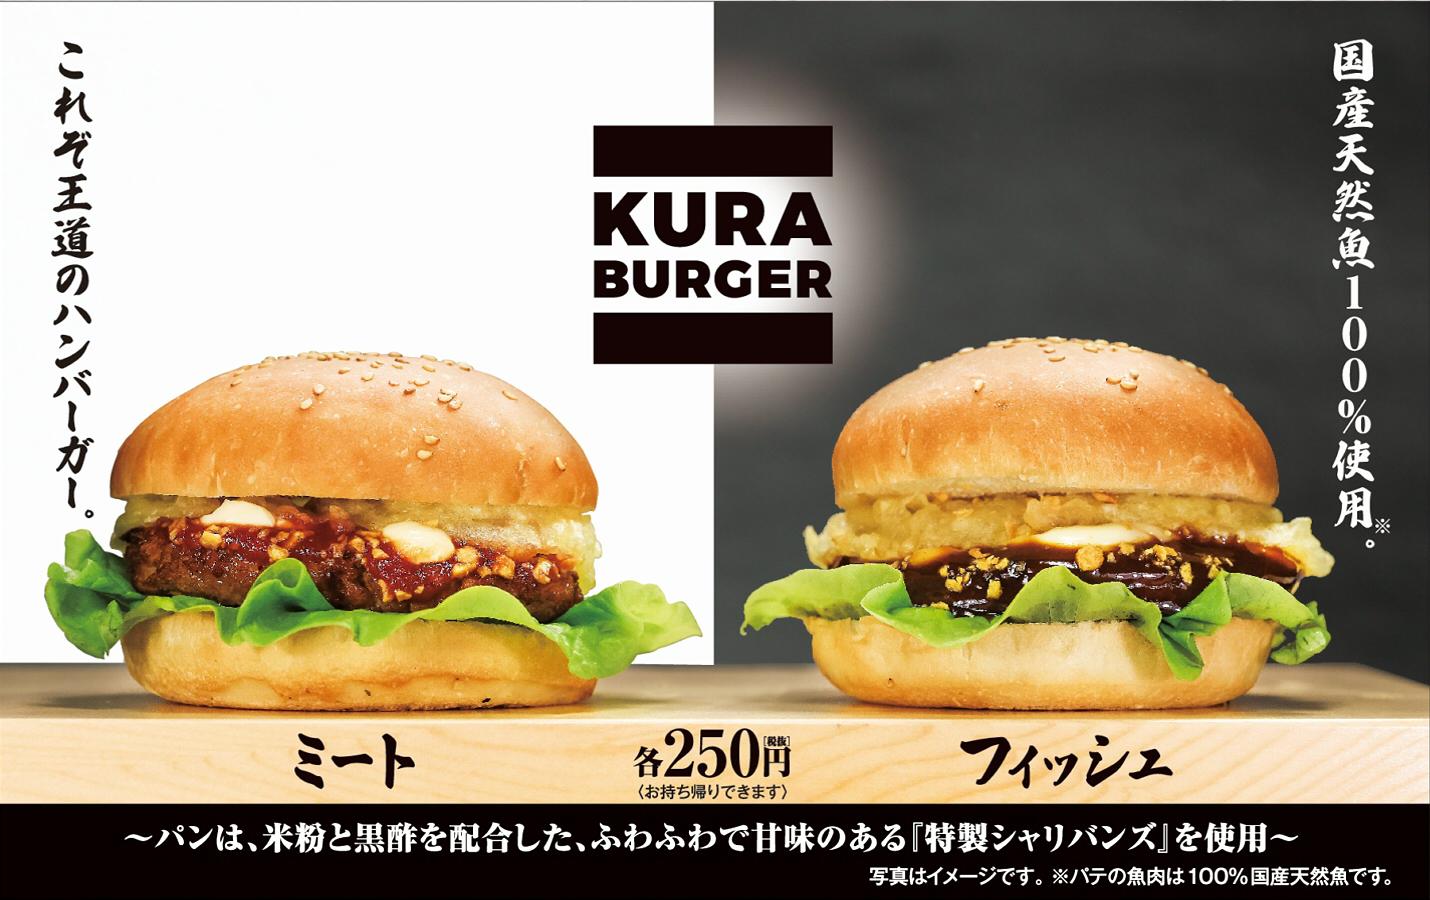 くら寿司のくらバーガーは美味しい?まずい?どっちが美味しい味かレビュー